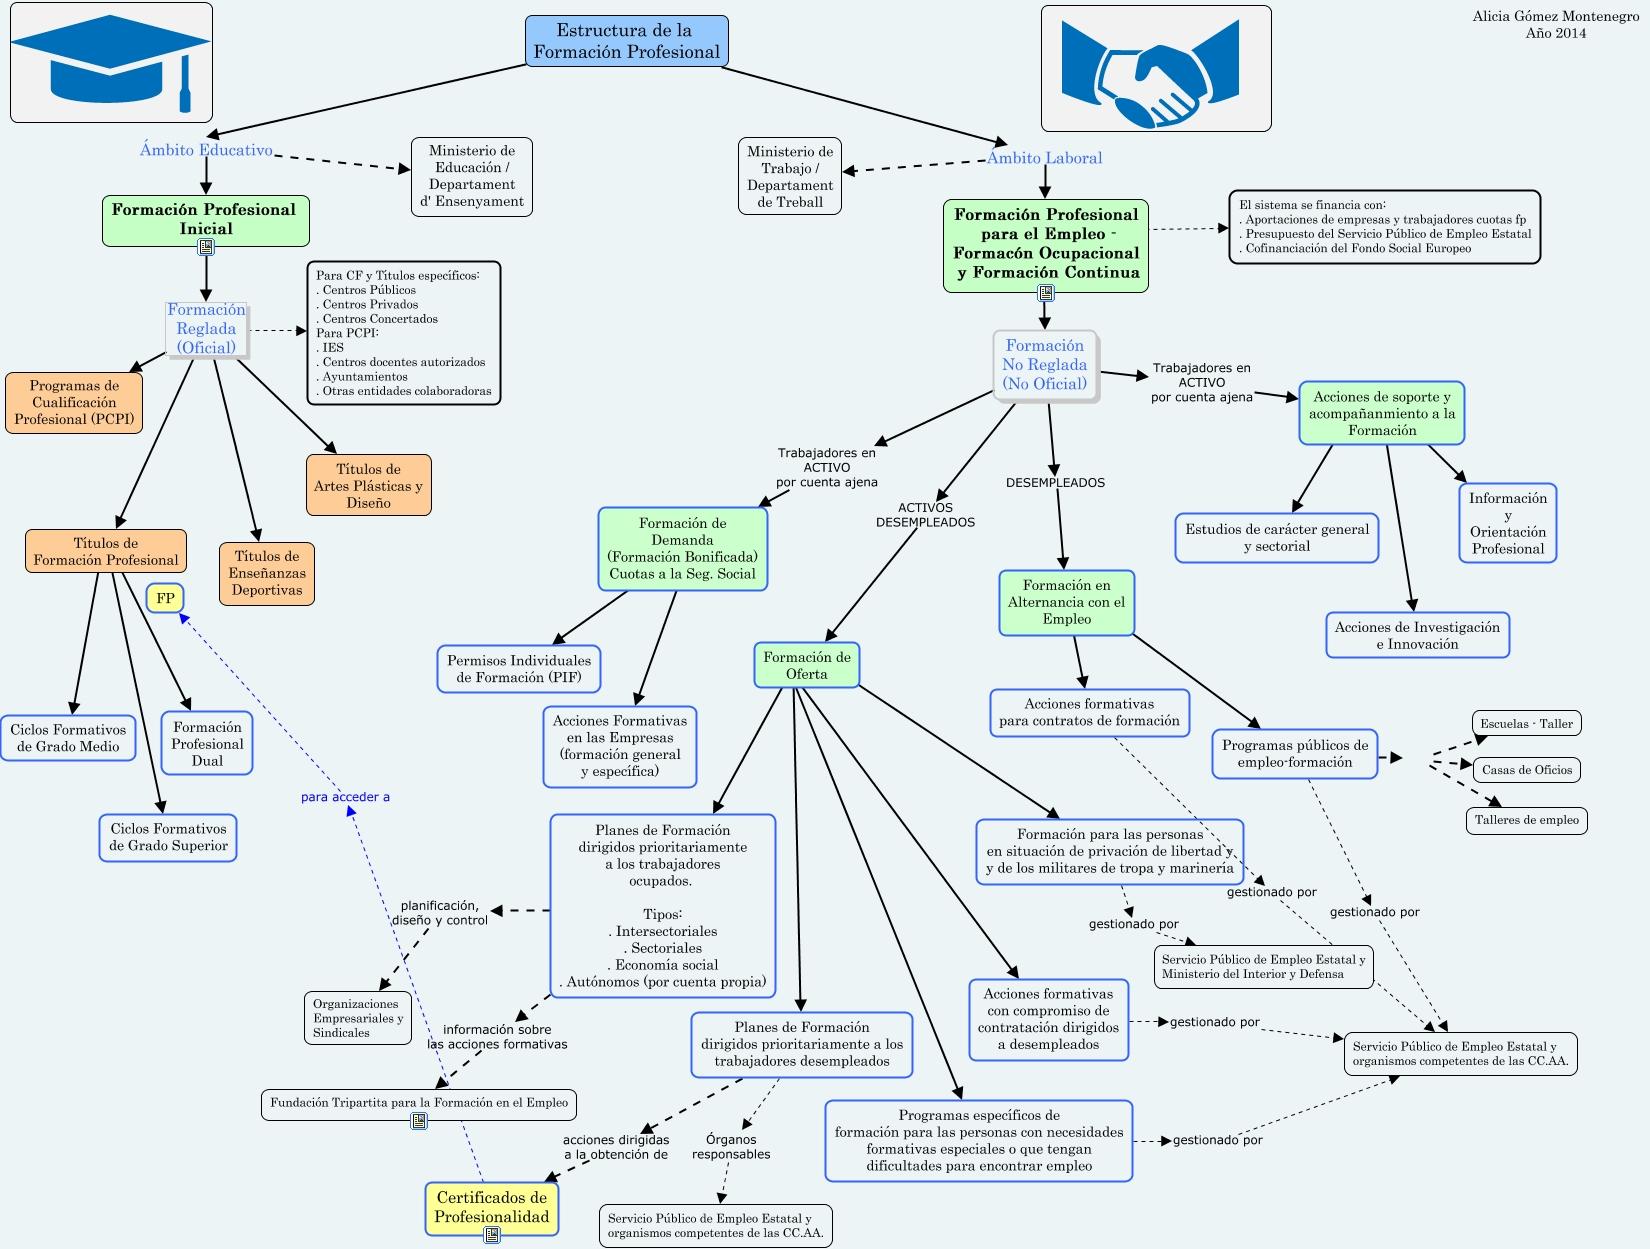 Estructura de la Formación Profesional. Mapa Resumen